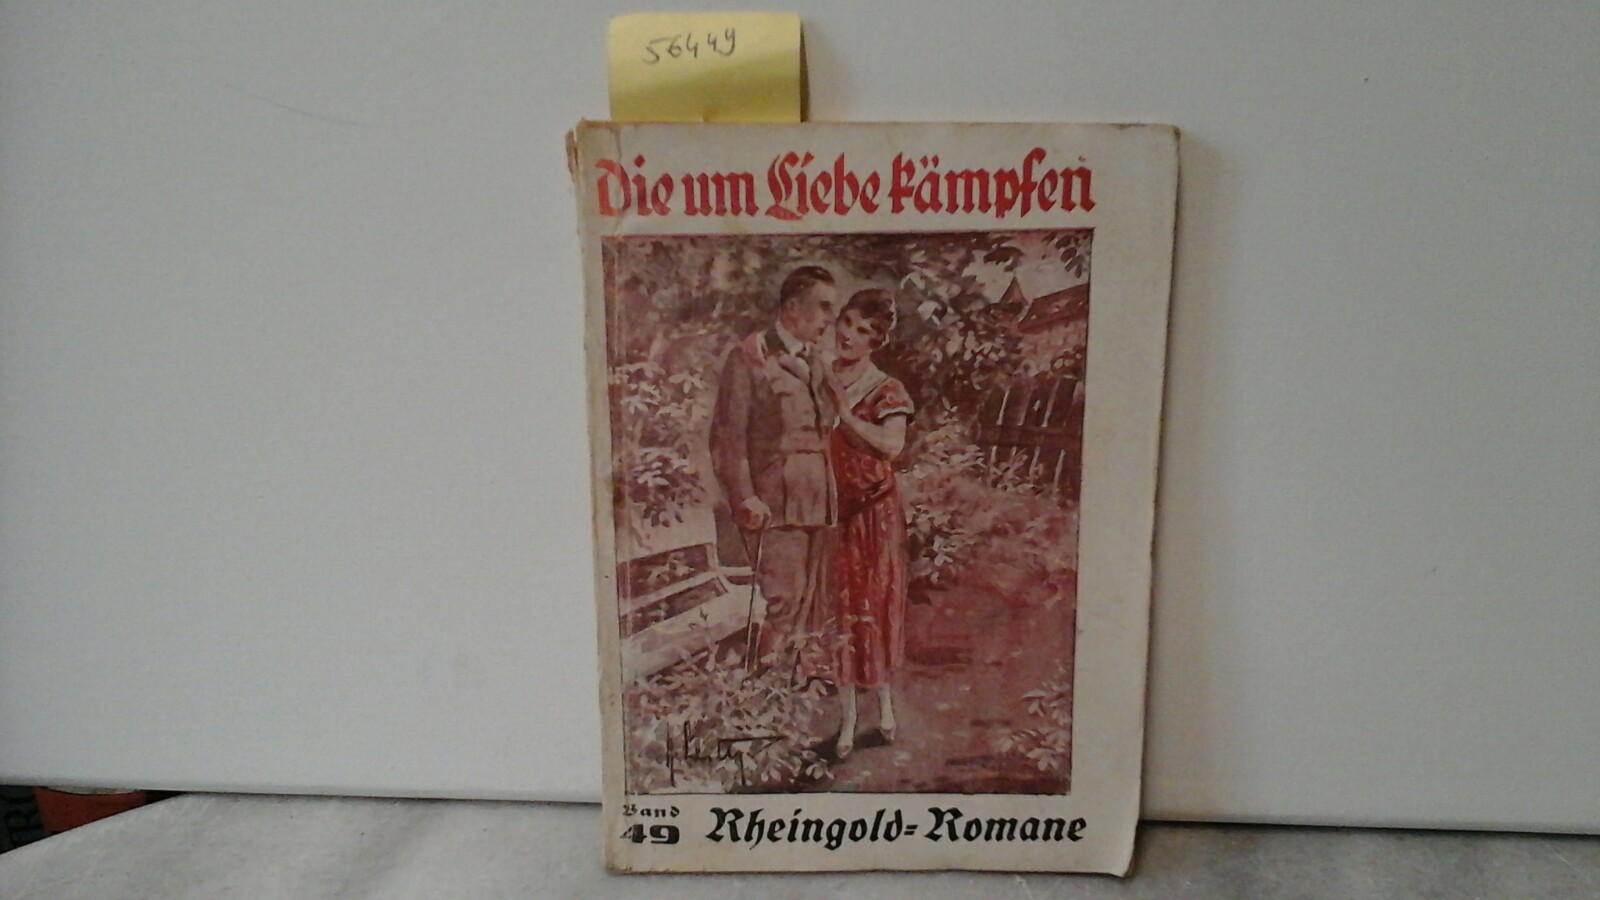 Die um Liebe kämpfen. Originalroman von Dr. Hans Walter Schmidt. Erste /1./ Auflage.